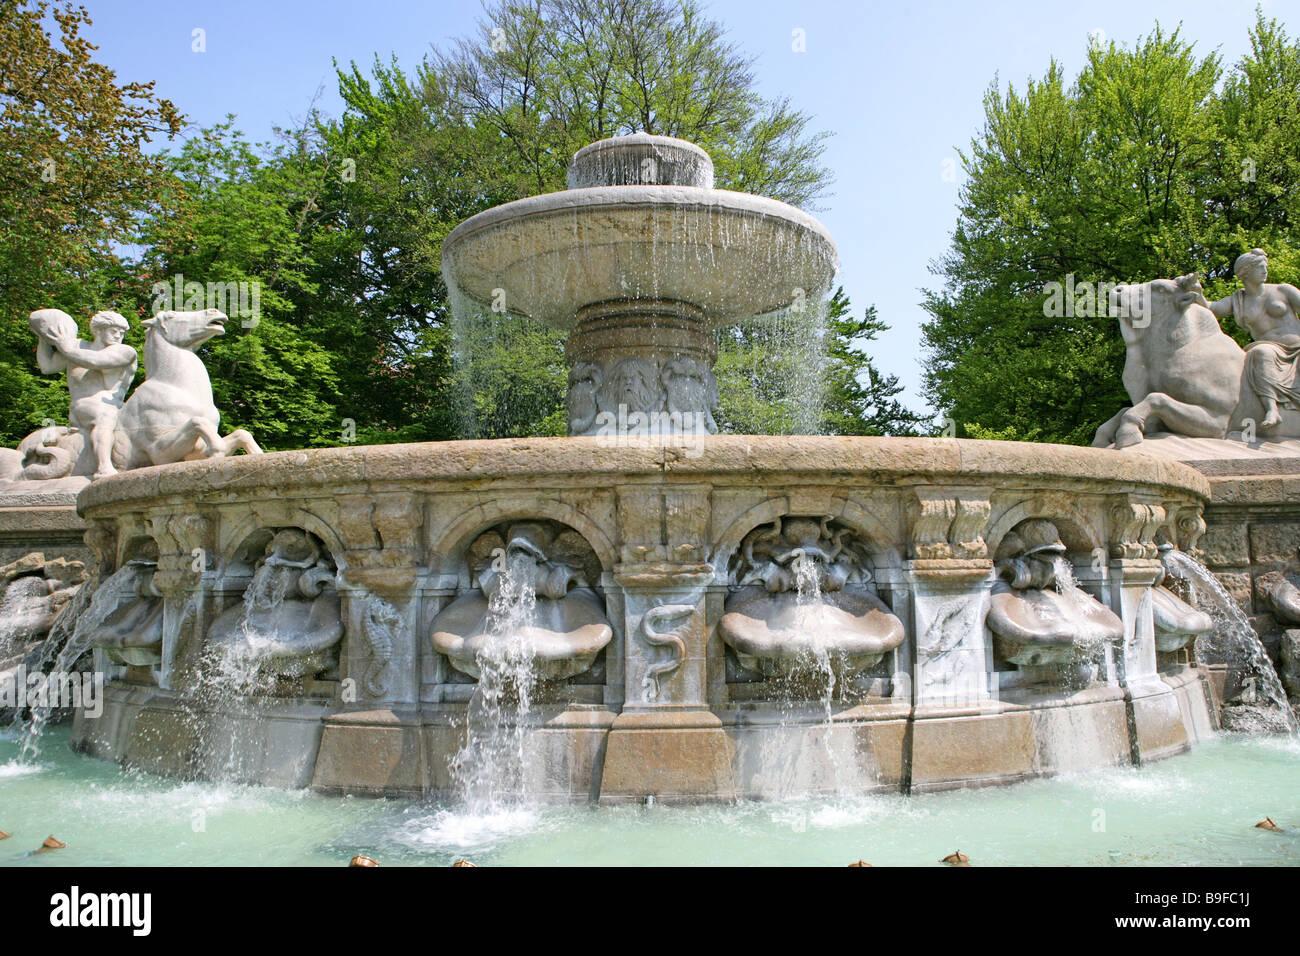 Germania Baviera Monaco di Baviera Wittelsbacher Brunnen Adolf di hildebrandt Bavaria scultura scultore-arte pozzetti ben-l'installazione Foto Stock